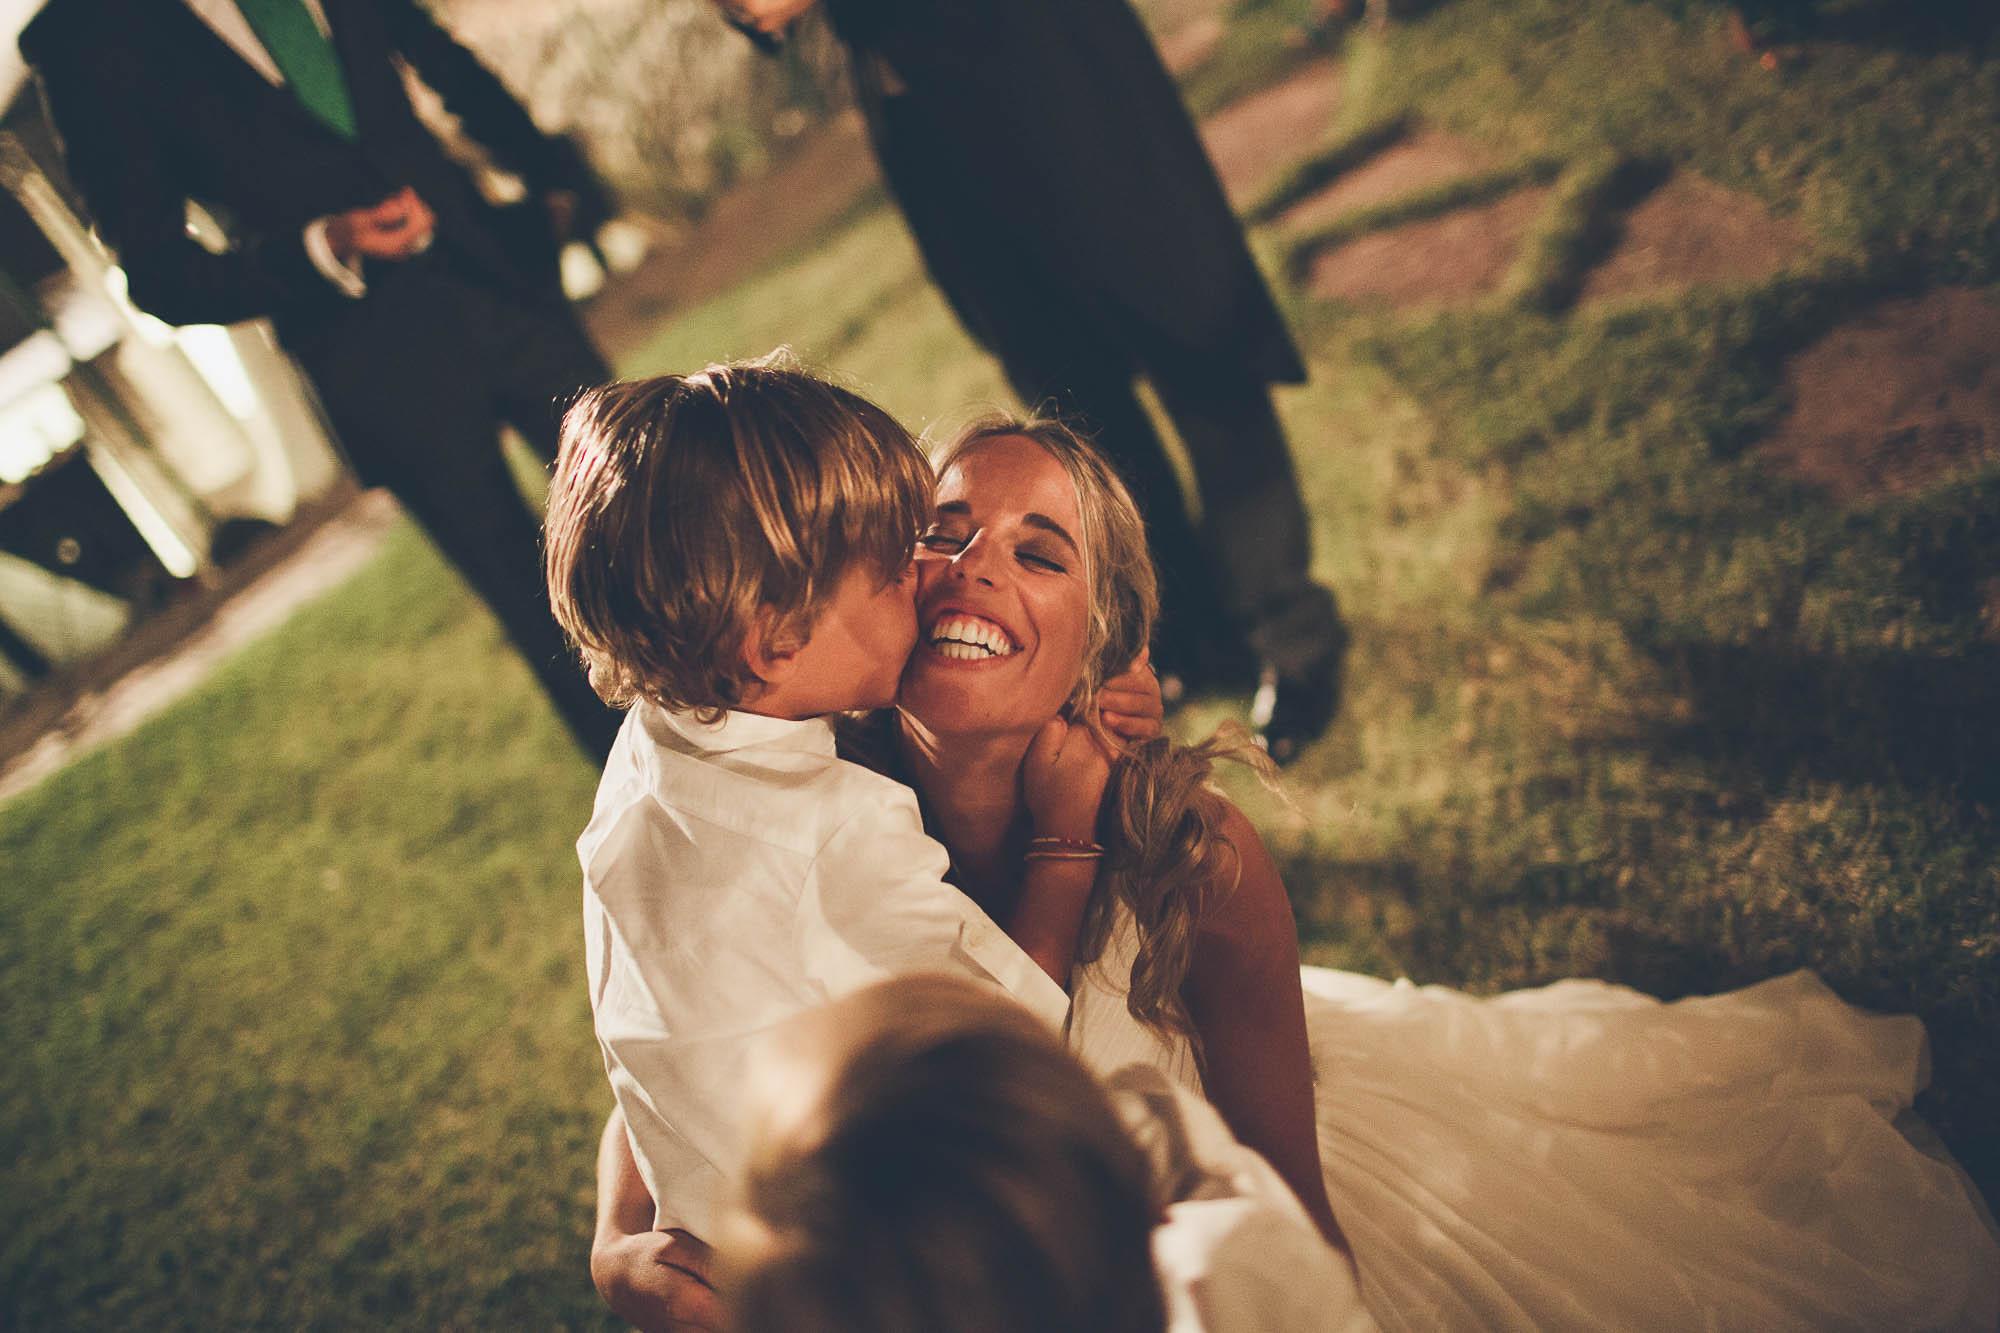 El Niño besa a la novia